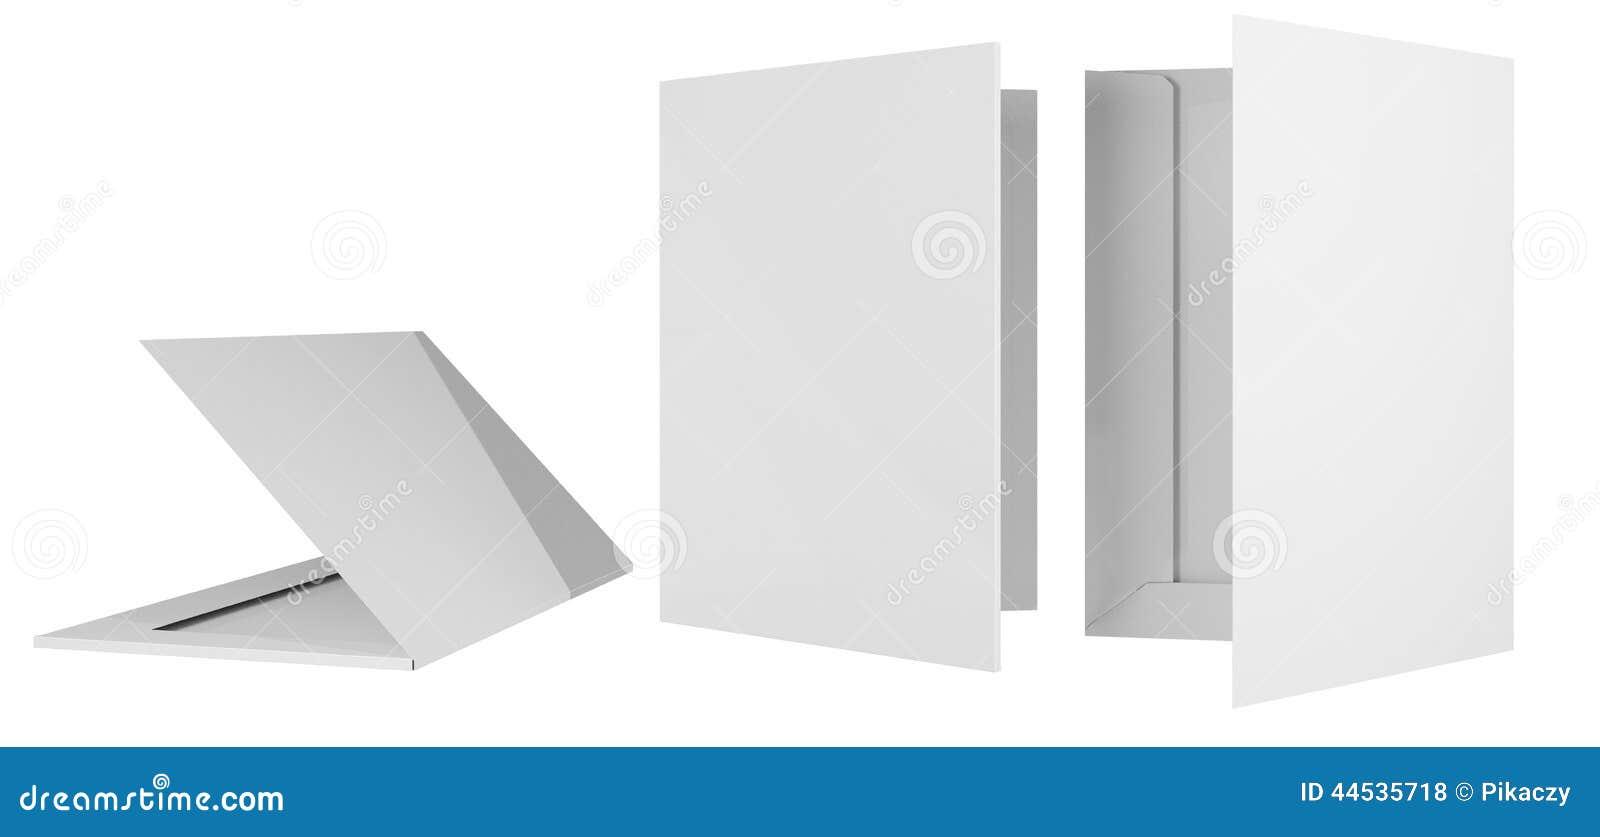 folder template stock illustration illustration of catalogue 44535718. Black Bedroom Furniture Sets. Home Design Ideas